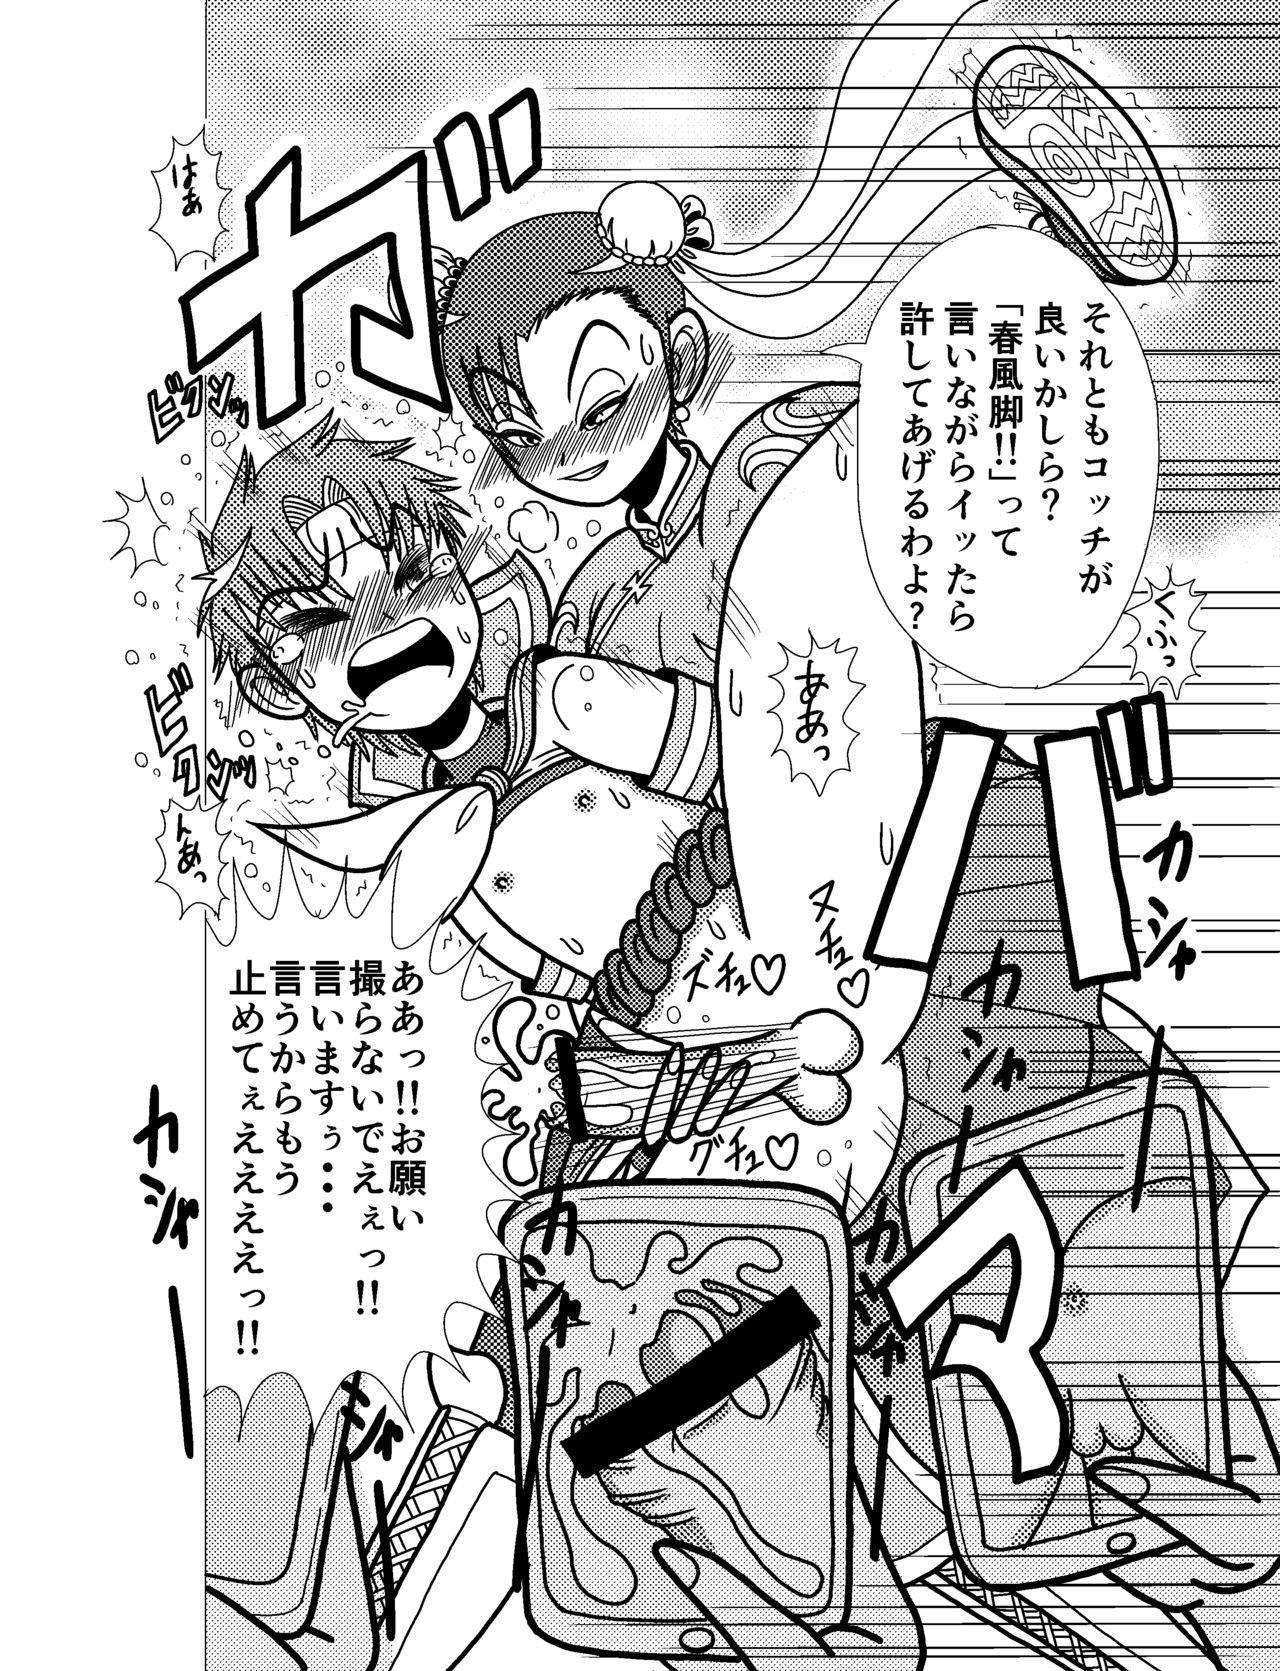 Sakura Cos Shota Kyousei Rojou Hentai Choukyou Gokumonsatsu 9